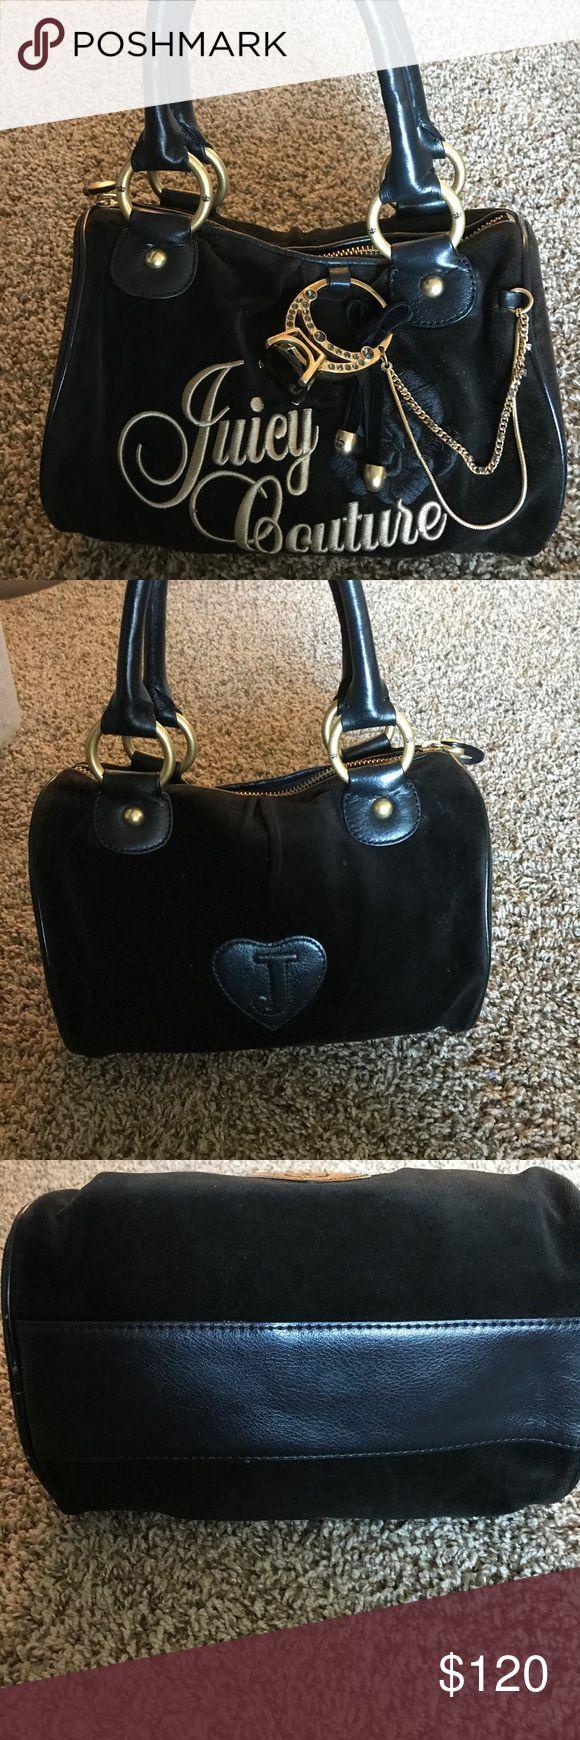 Juicy Couture handbag with wallet Black juicy couture handbag with wallet Juicy Couture Bags Satchels